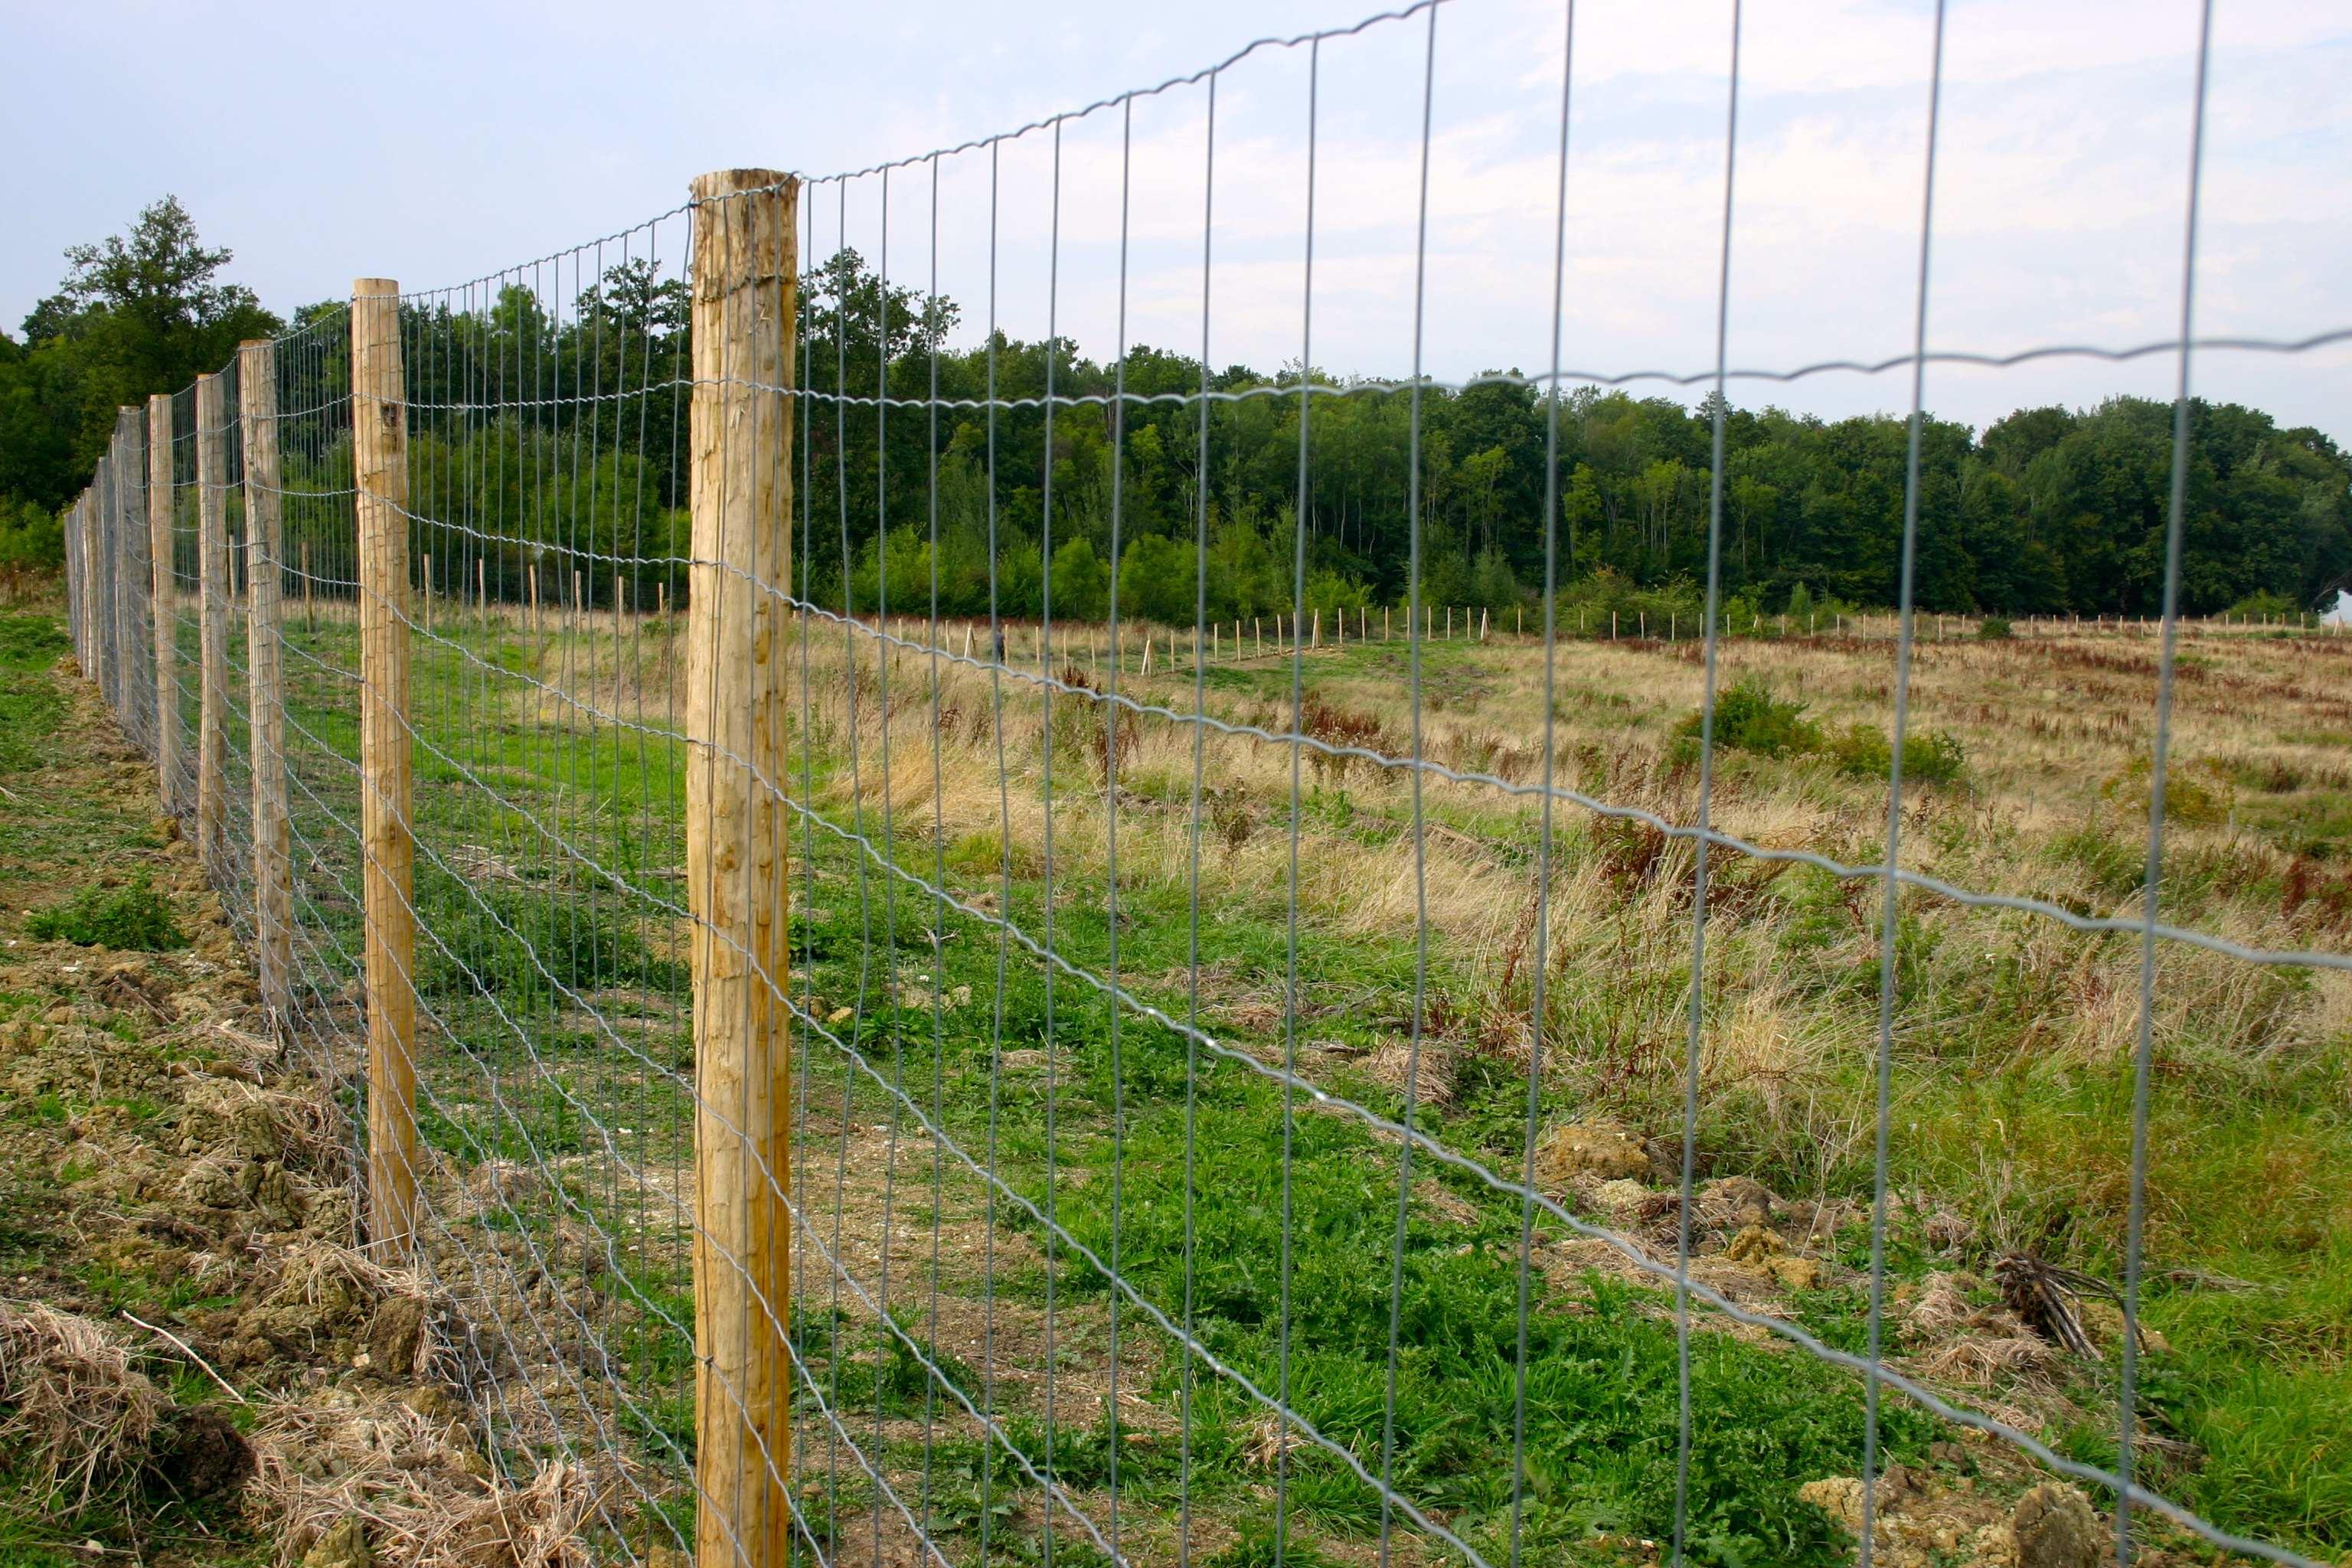 Pose De Cloture Ille Et Vilaine clotures agricole pour animaux & exploitations à rennes